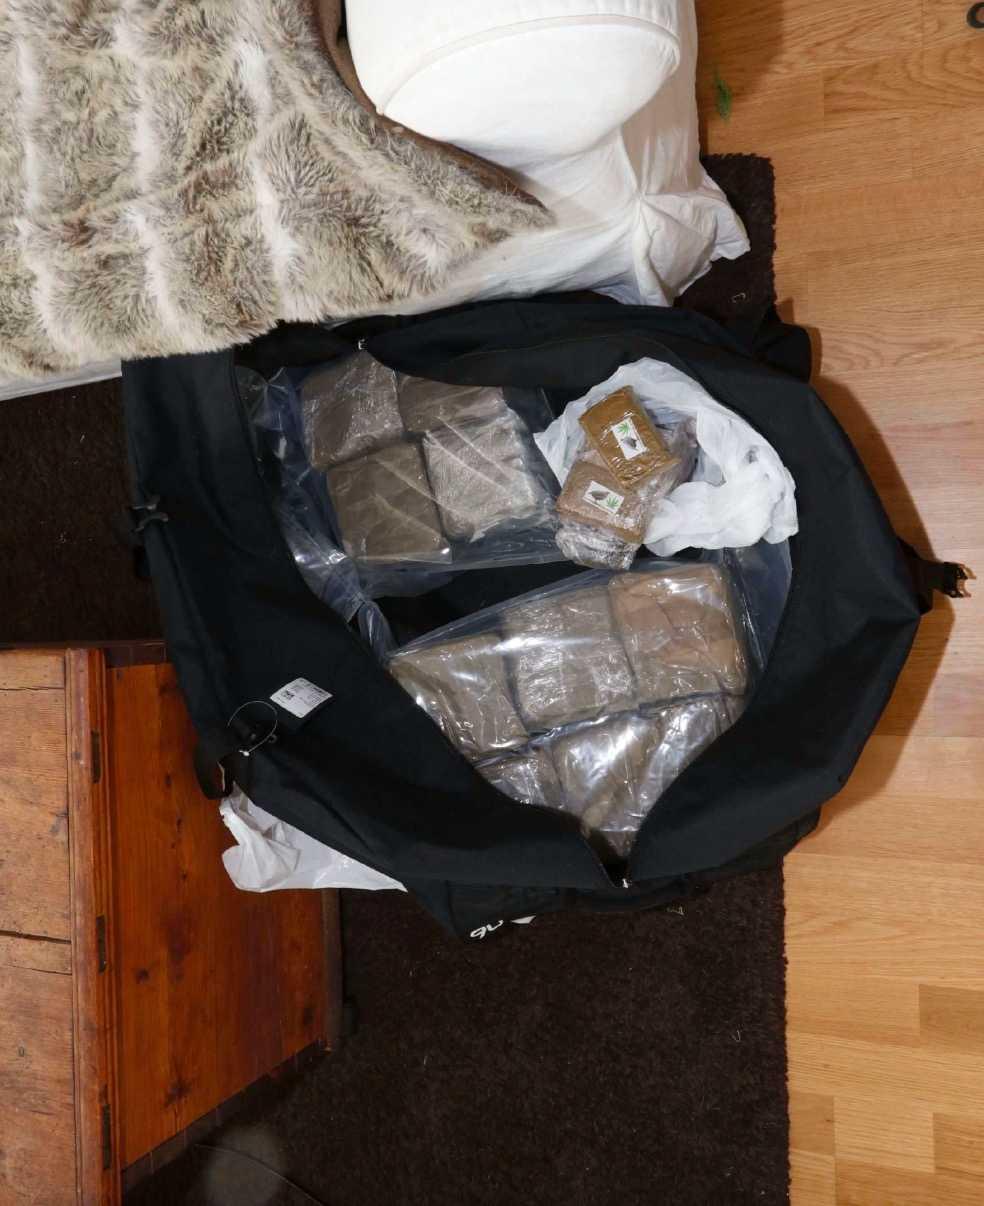 24-åringen döms även för grovt narkotikabrott och för grovt vapenbrott. I parets gemensamma lägenhet hittades stora mängder droger som han menar att han förvarade åt andra.